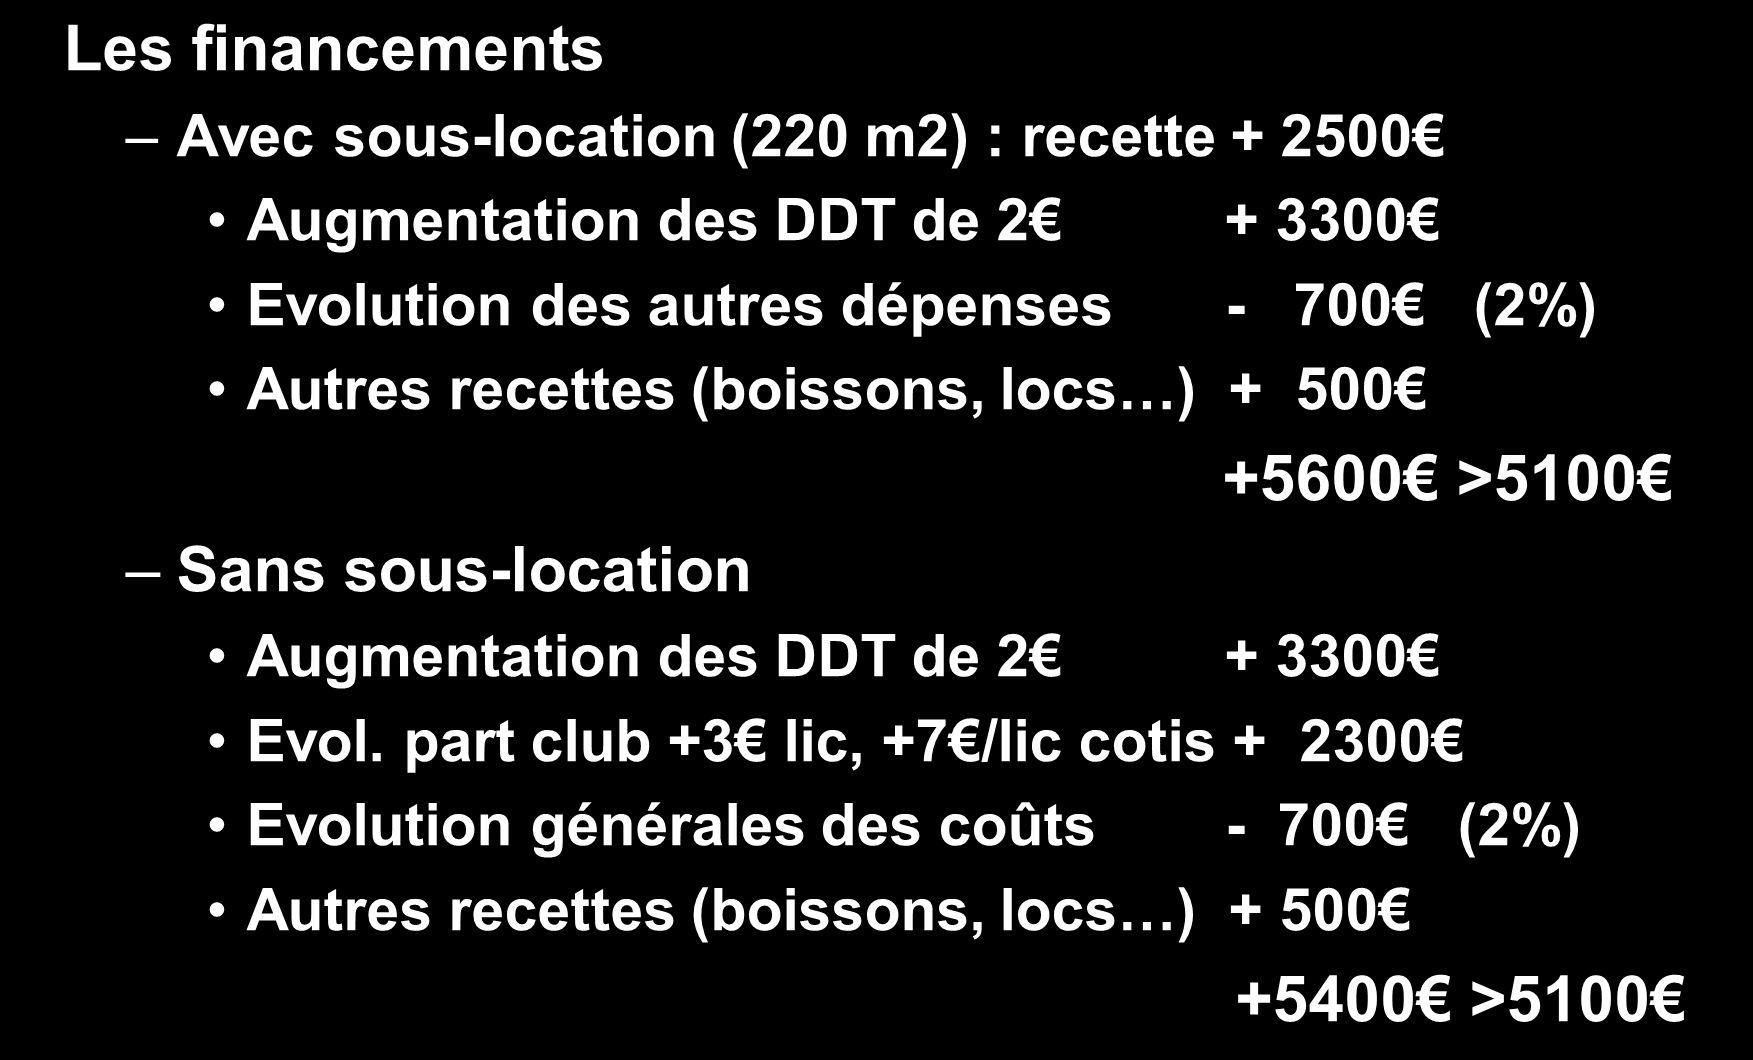 Les financements –Avec sous-location (220 m2) : recette + 2500 Augmentation des DDT de 2 + 3300 Evolution des autres dépenses - 700 (2%) Autres recett